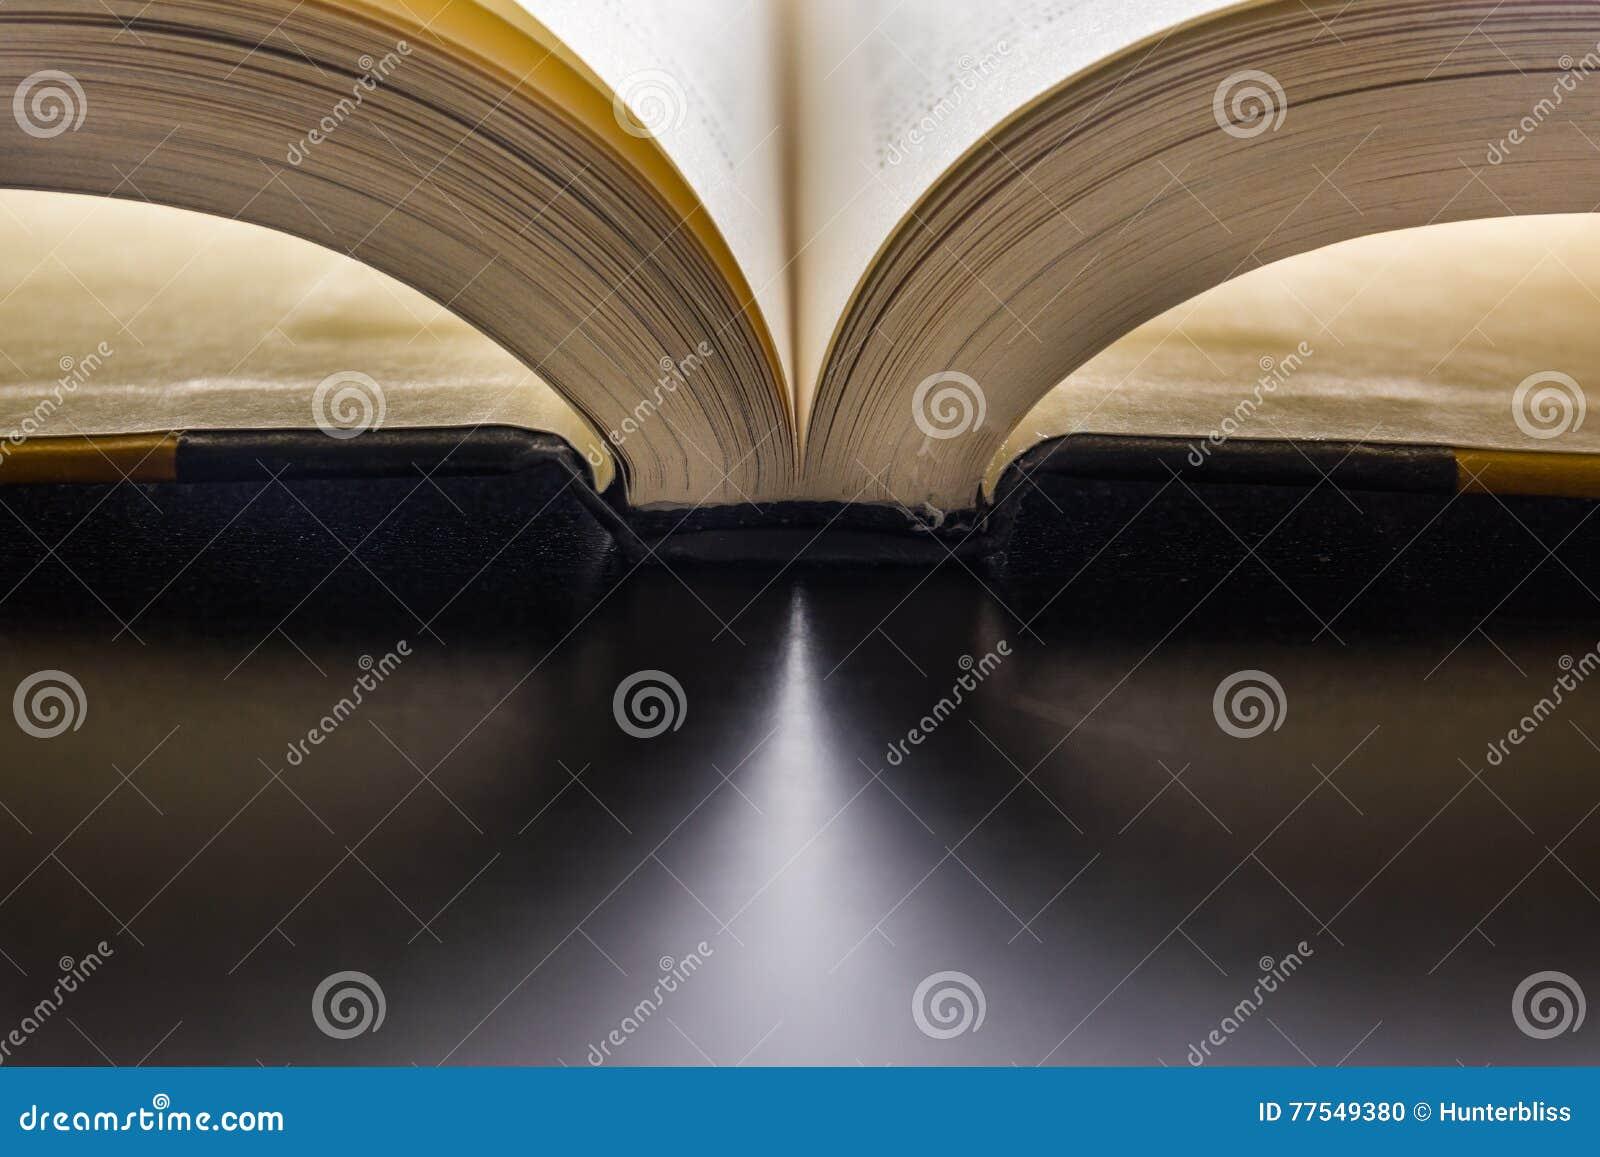 Buch-Seiten, welche die Dorn-Lesung leicht schlägt den neue Wort-schwarzen Schreibtisch hell binden